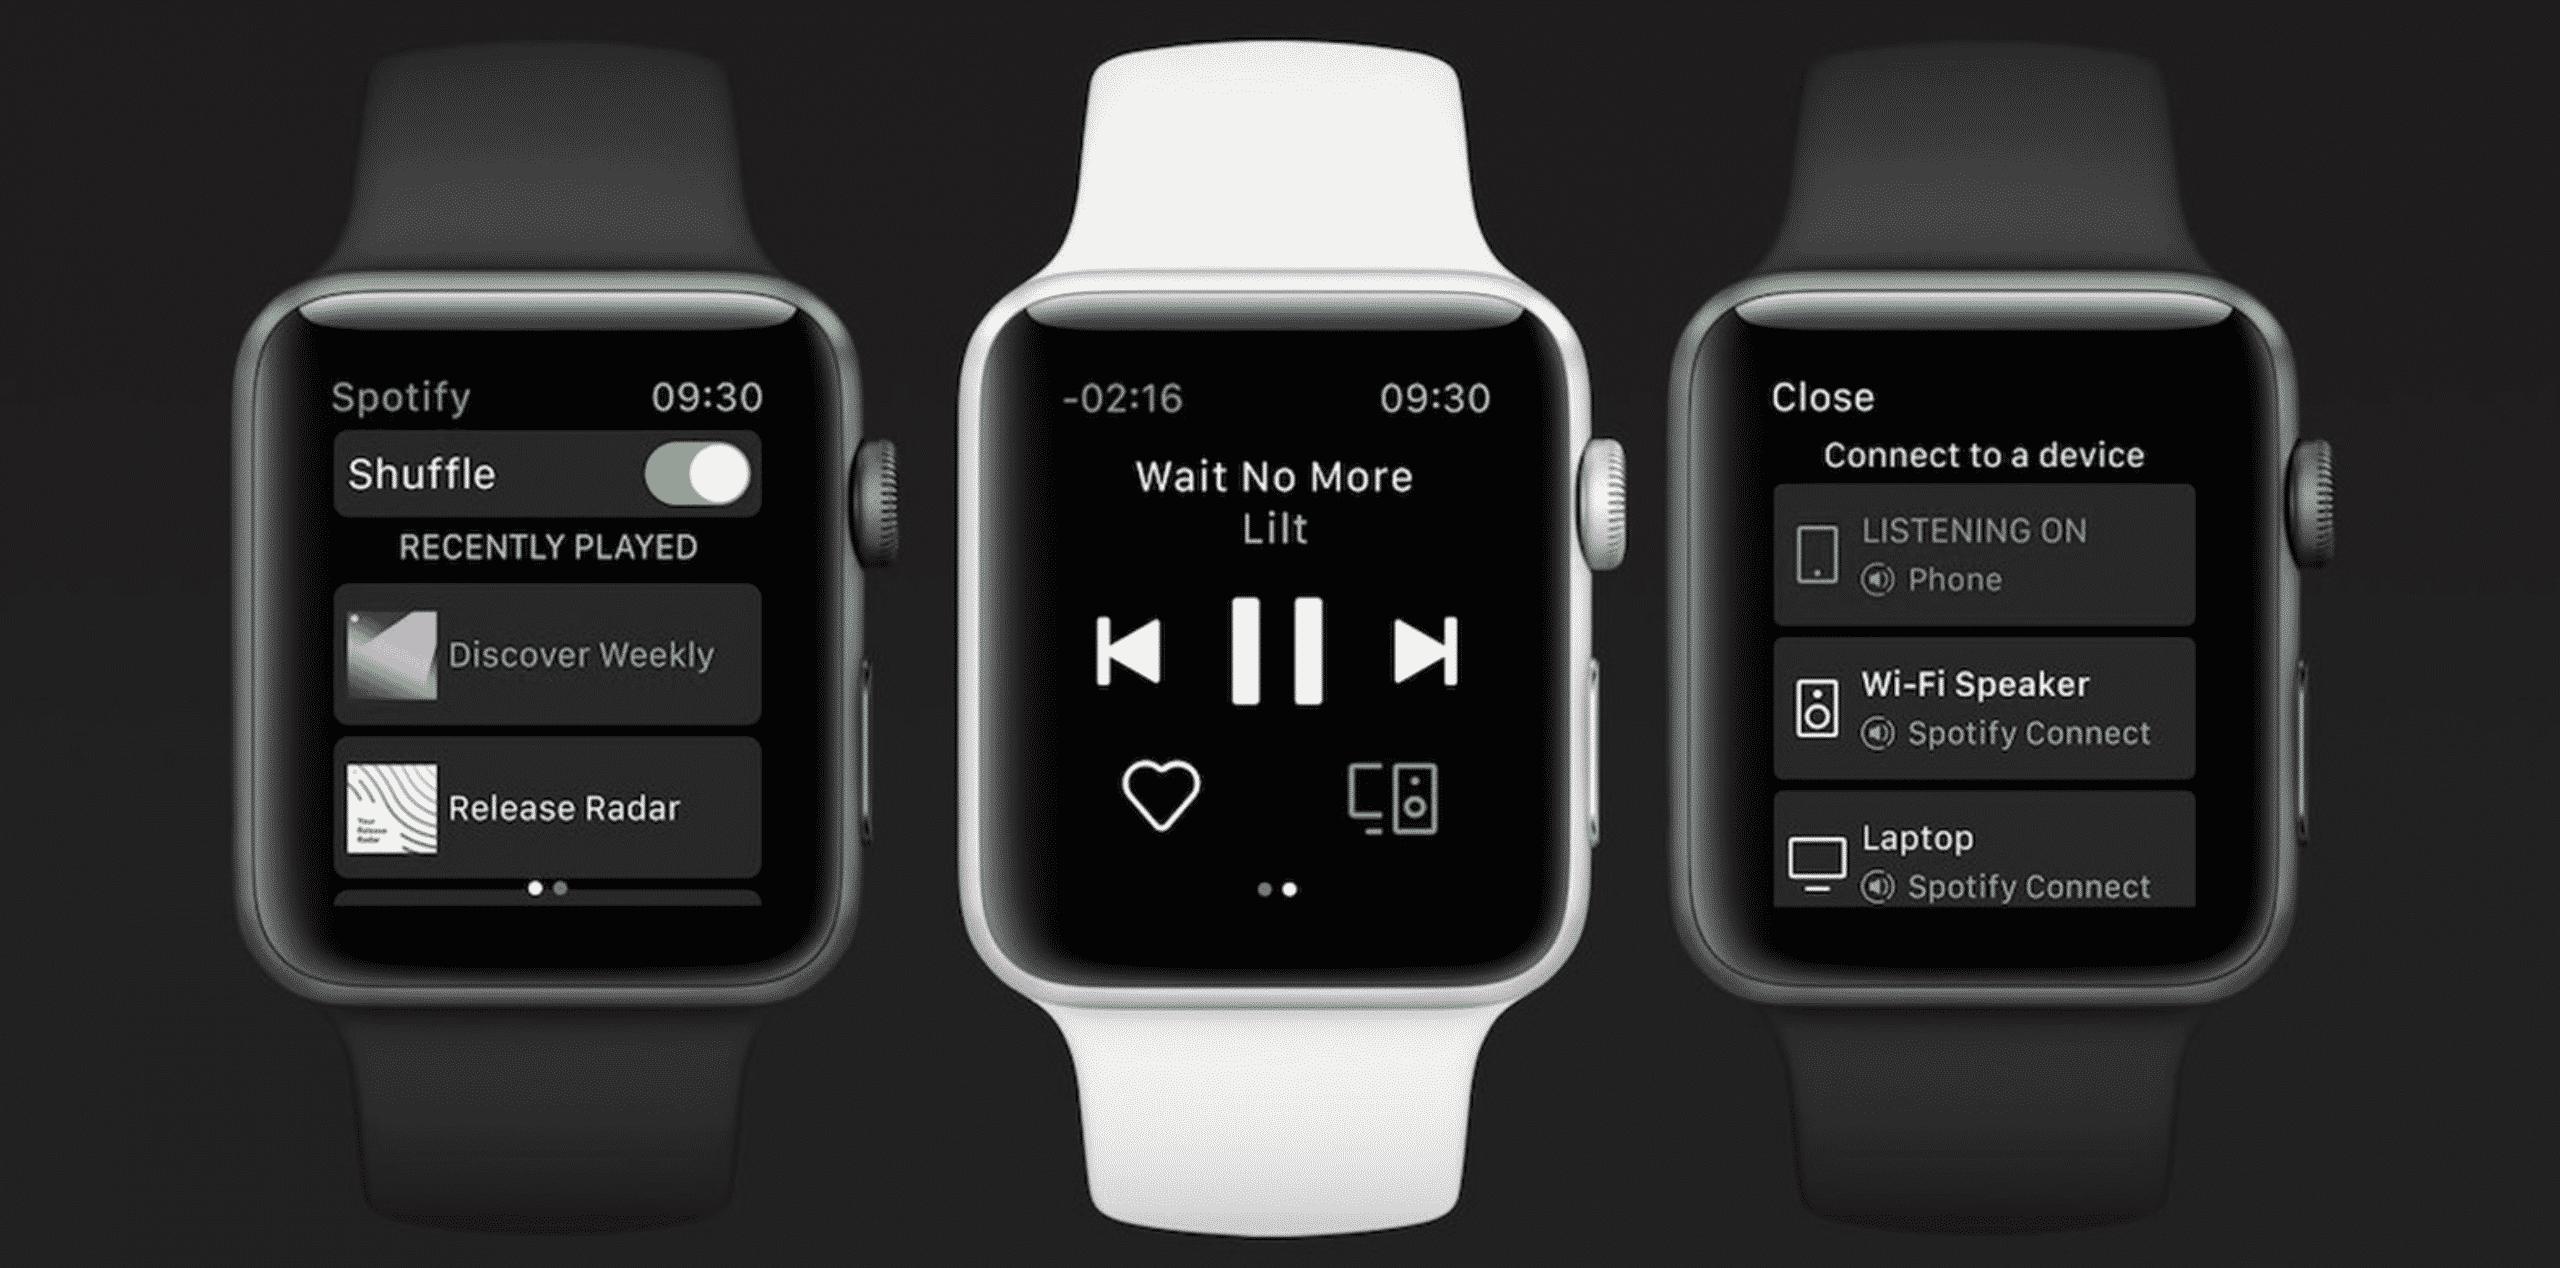 Spotify on Apple Watch